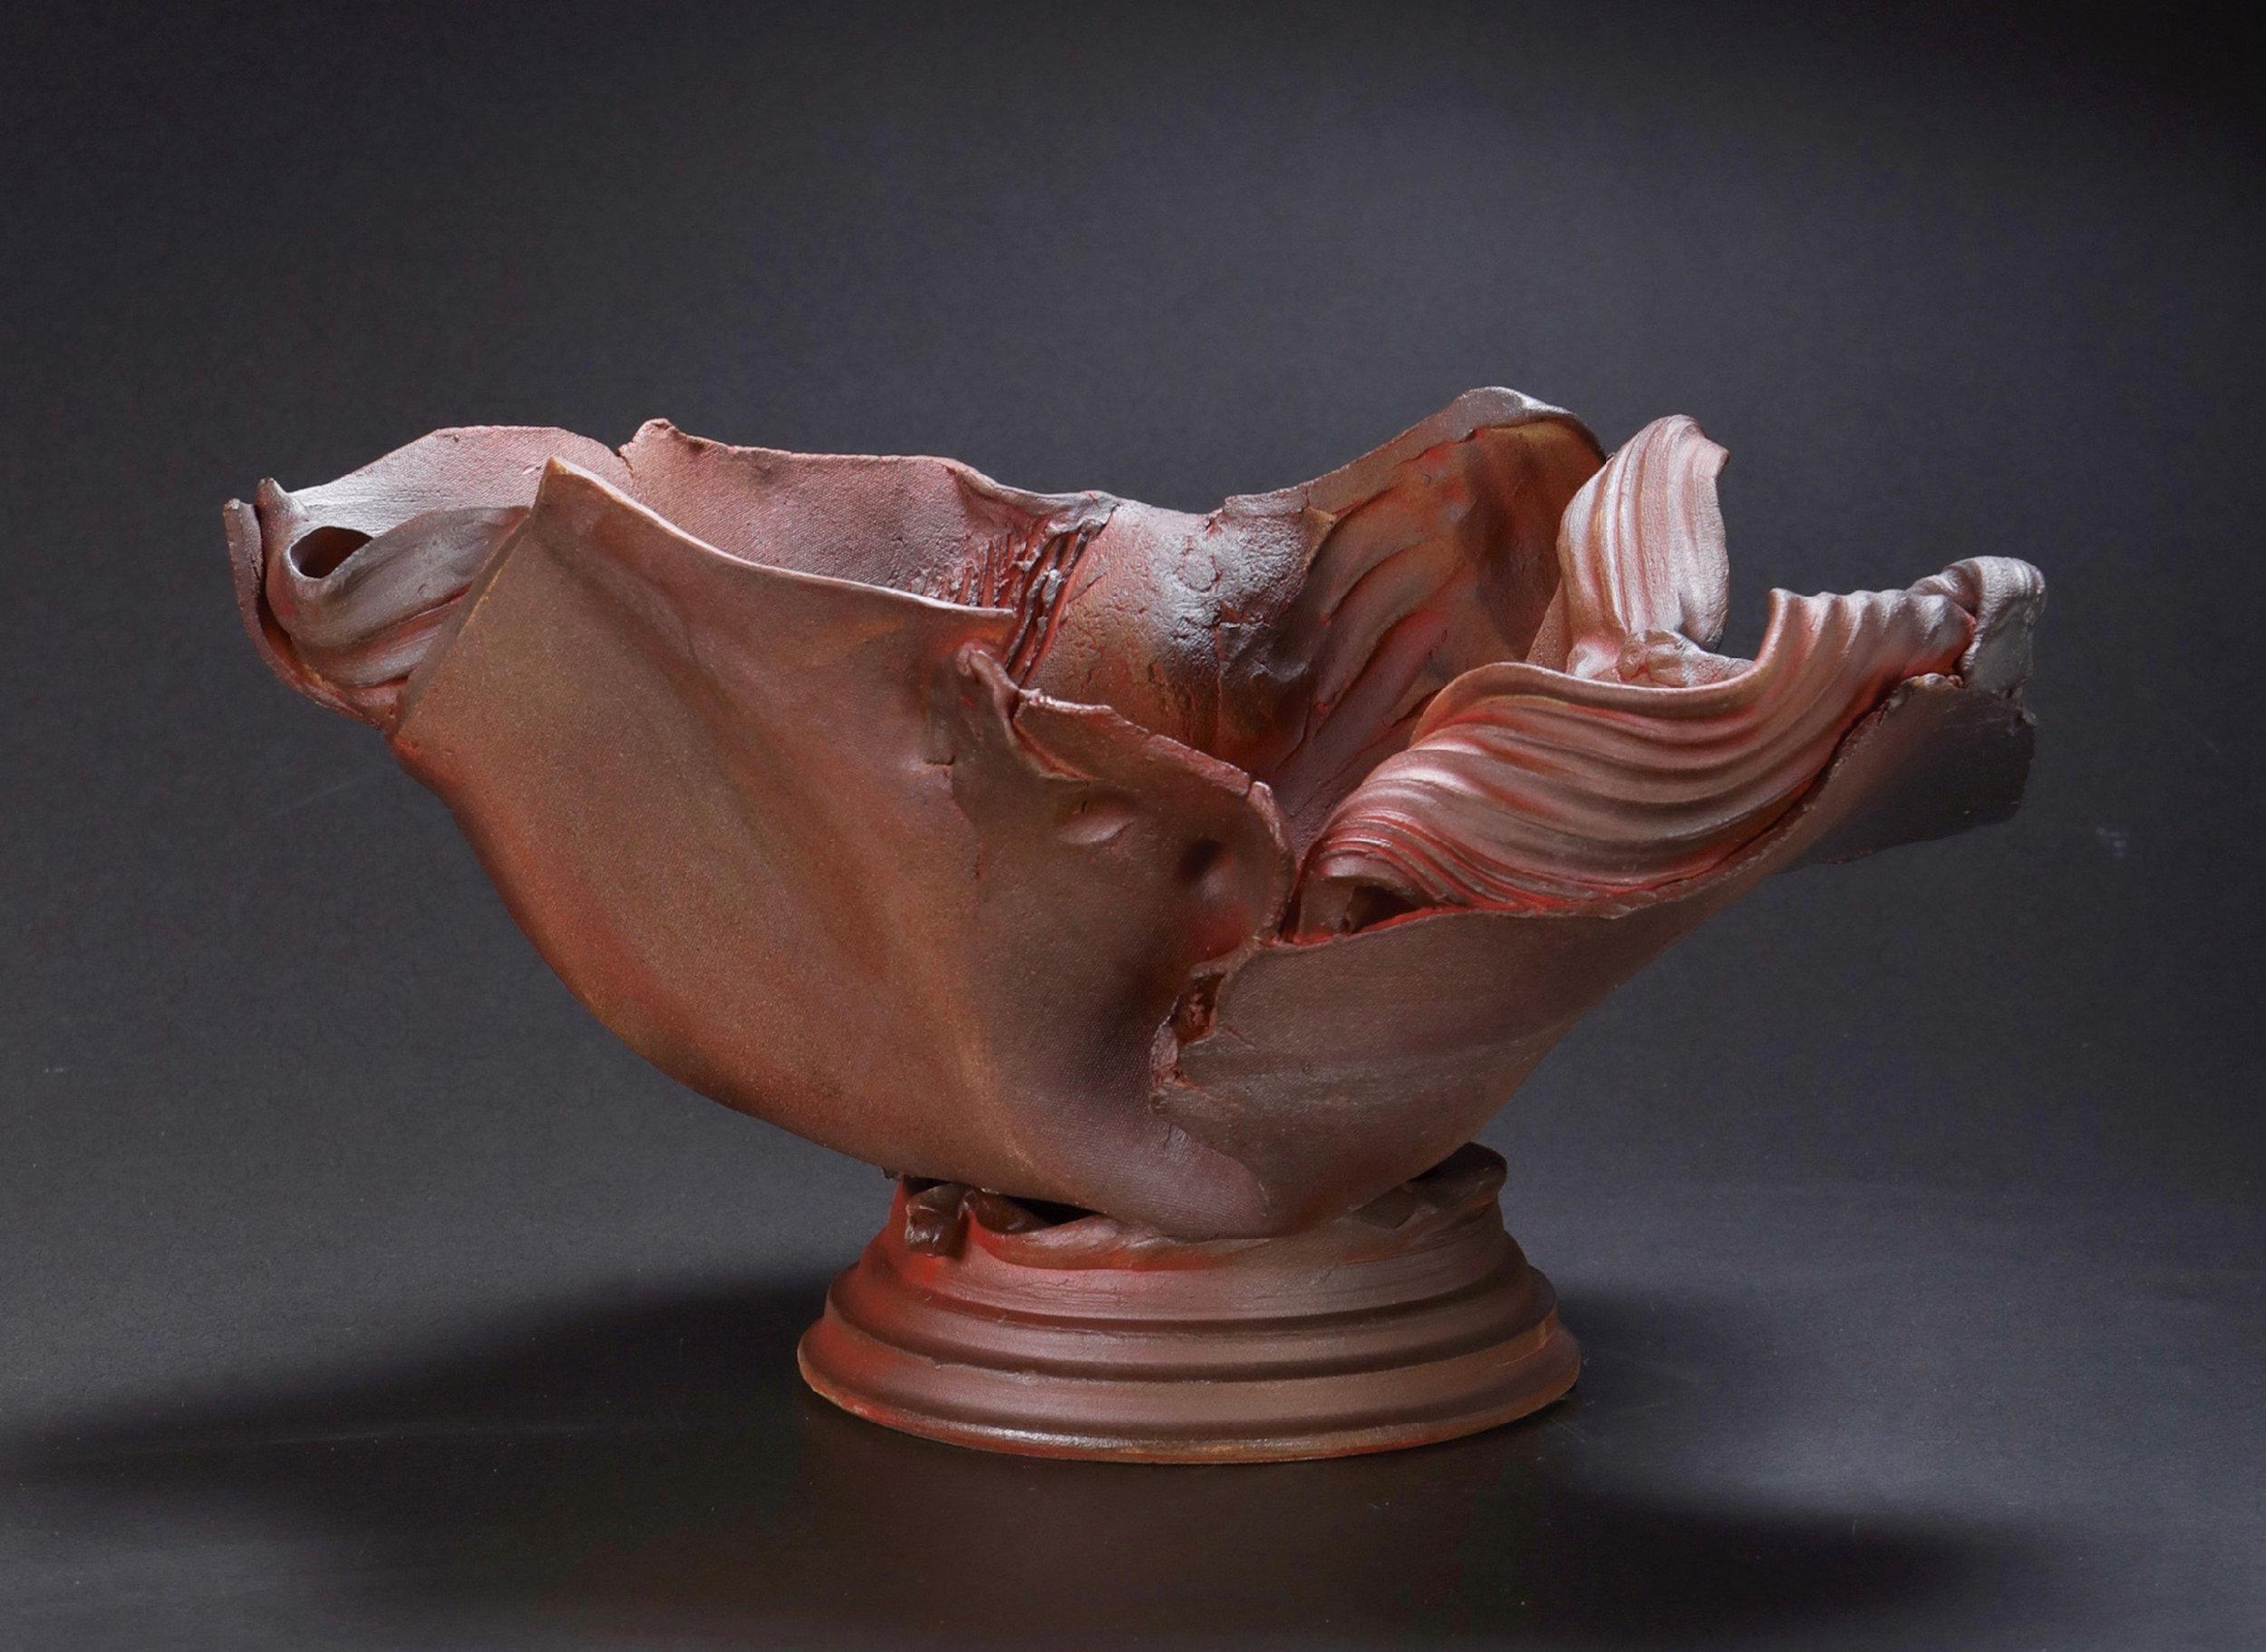 Mimi Howard,  Earth Ribbon #19 , glazed stoneware, 20x15x10